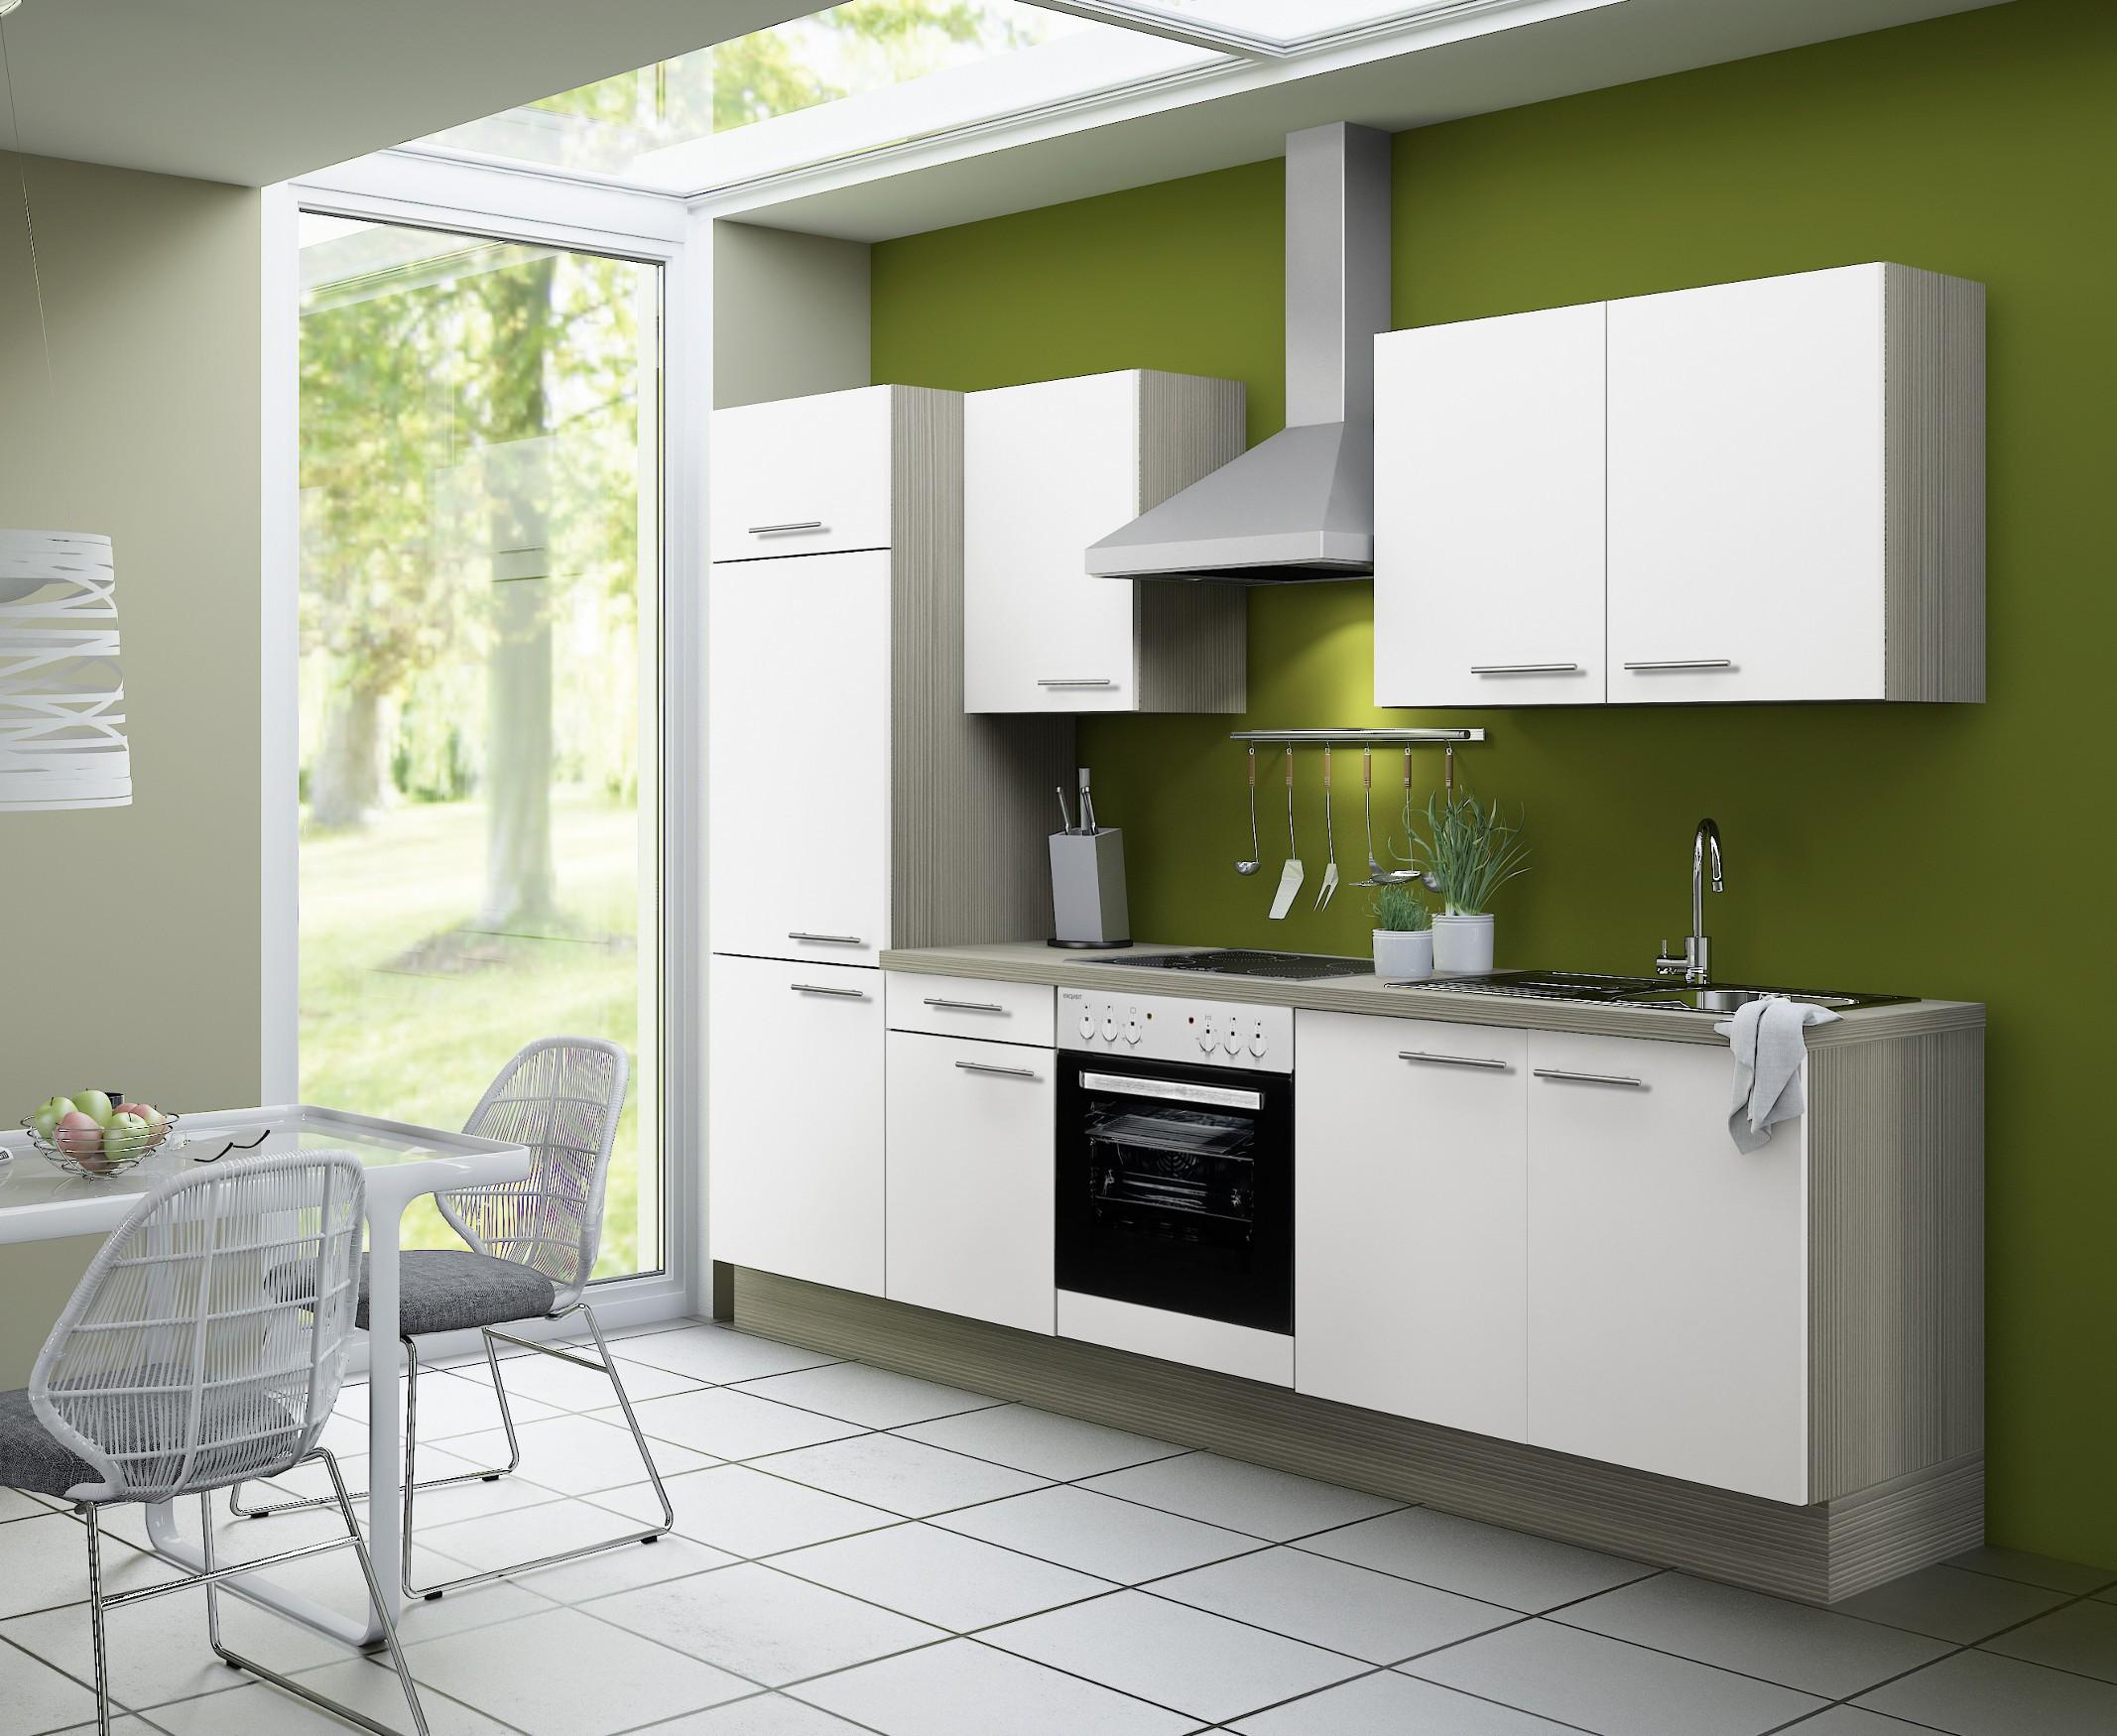 k chenzeile cadiz vario 2 1 k che mit e ger ten breite 270 cm wei k che k chenzeilen. Black Bedroom Furniture Sets. Home Design Ideas